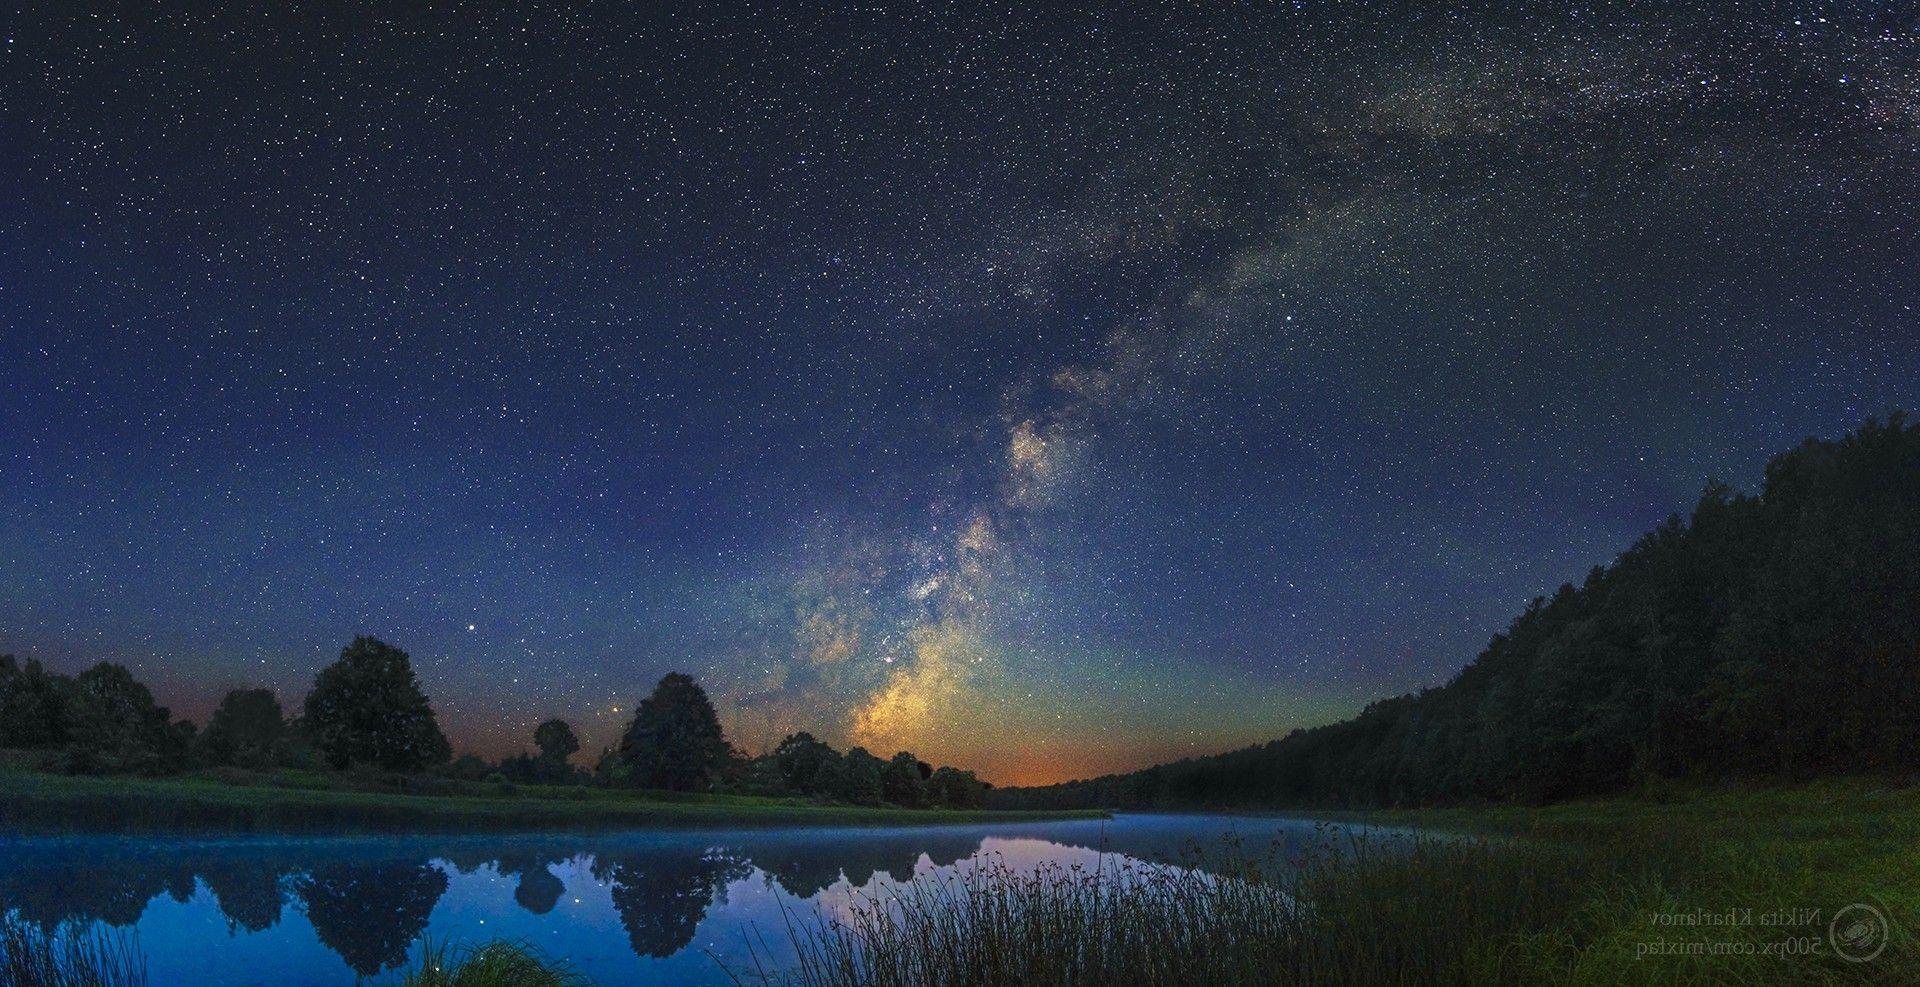 Night Sky Night Sky Galaxy Milky Way Space Wallpapers Hd Night Sky Wallpaper Night Skies Starry Night Wallpaper Galaxy sky wallpaper hd